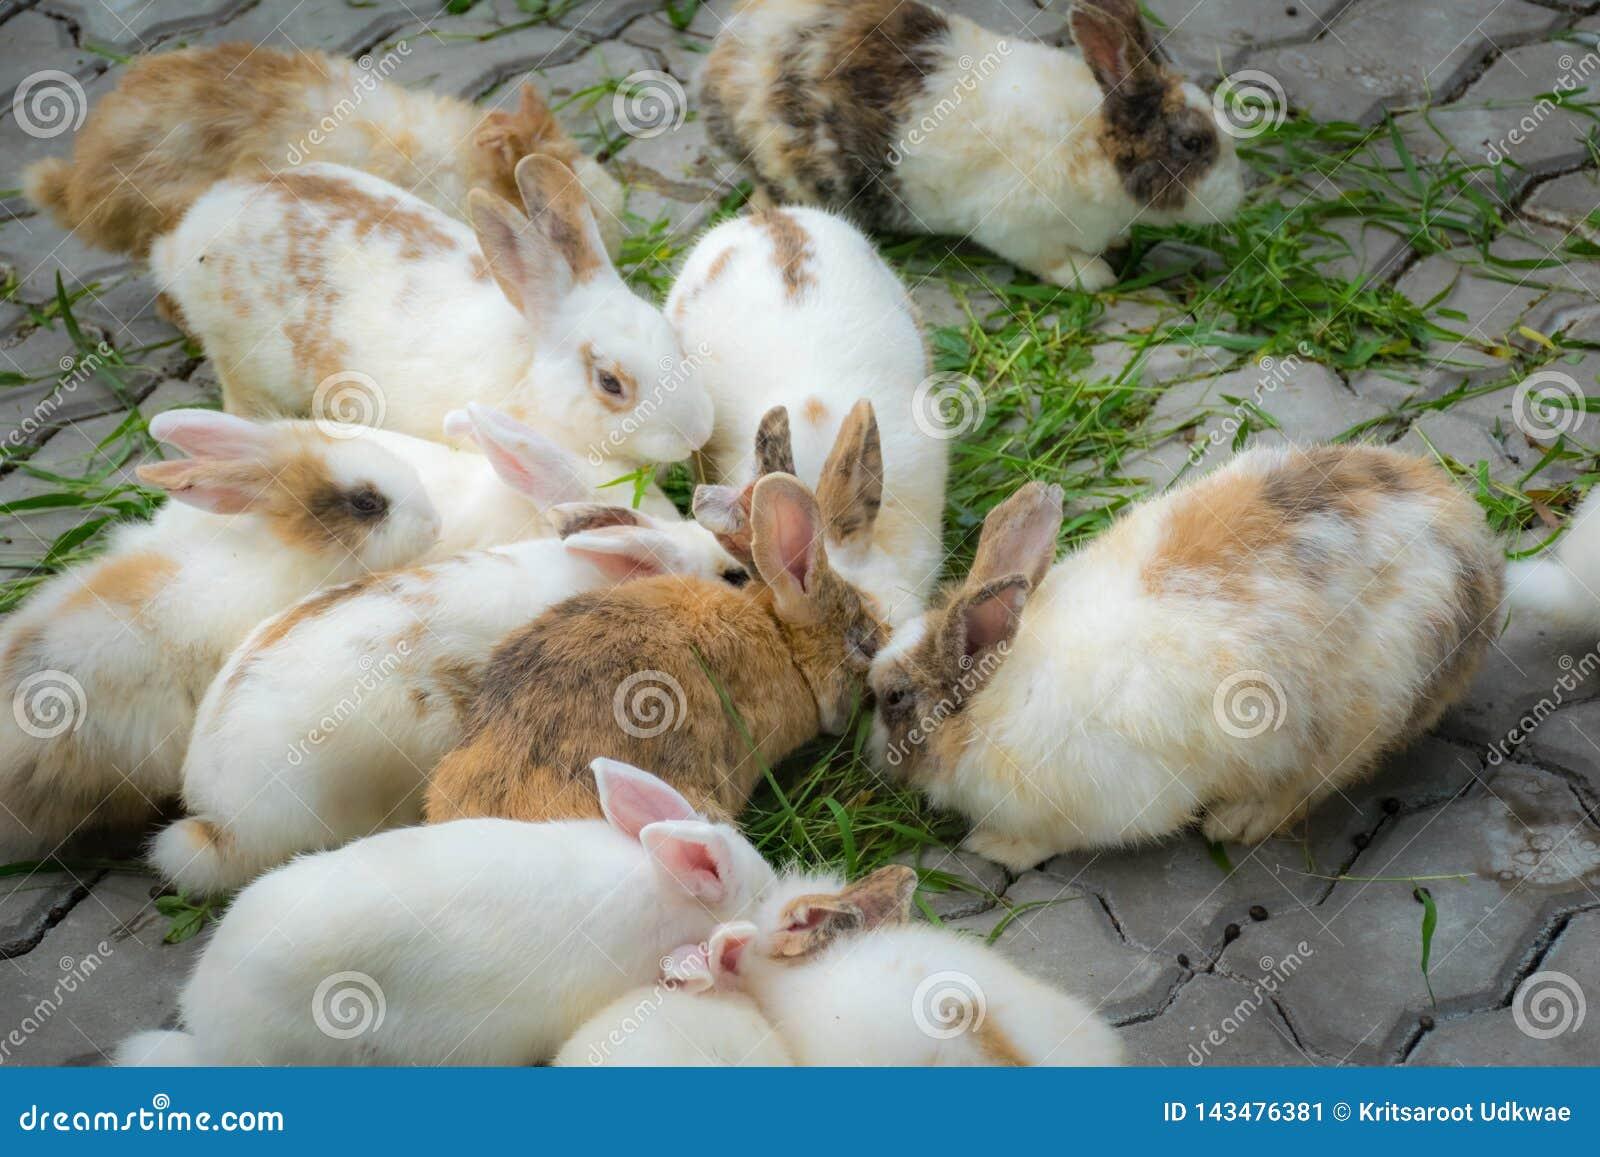 Os coelhos adoráveis estão comendo gramas na terra